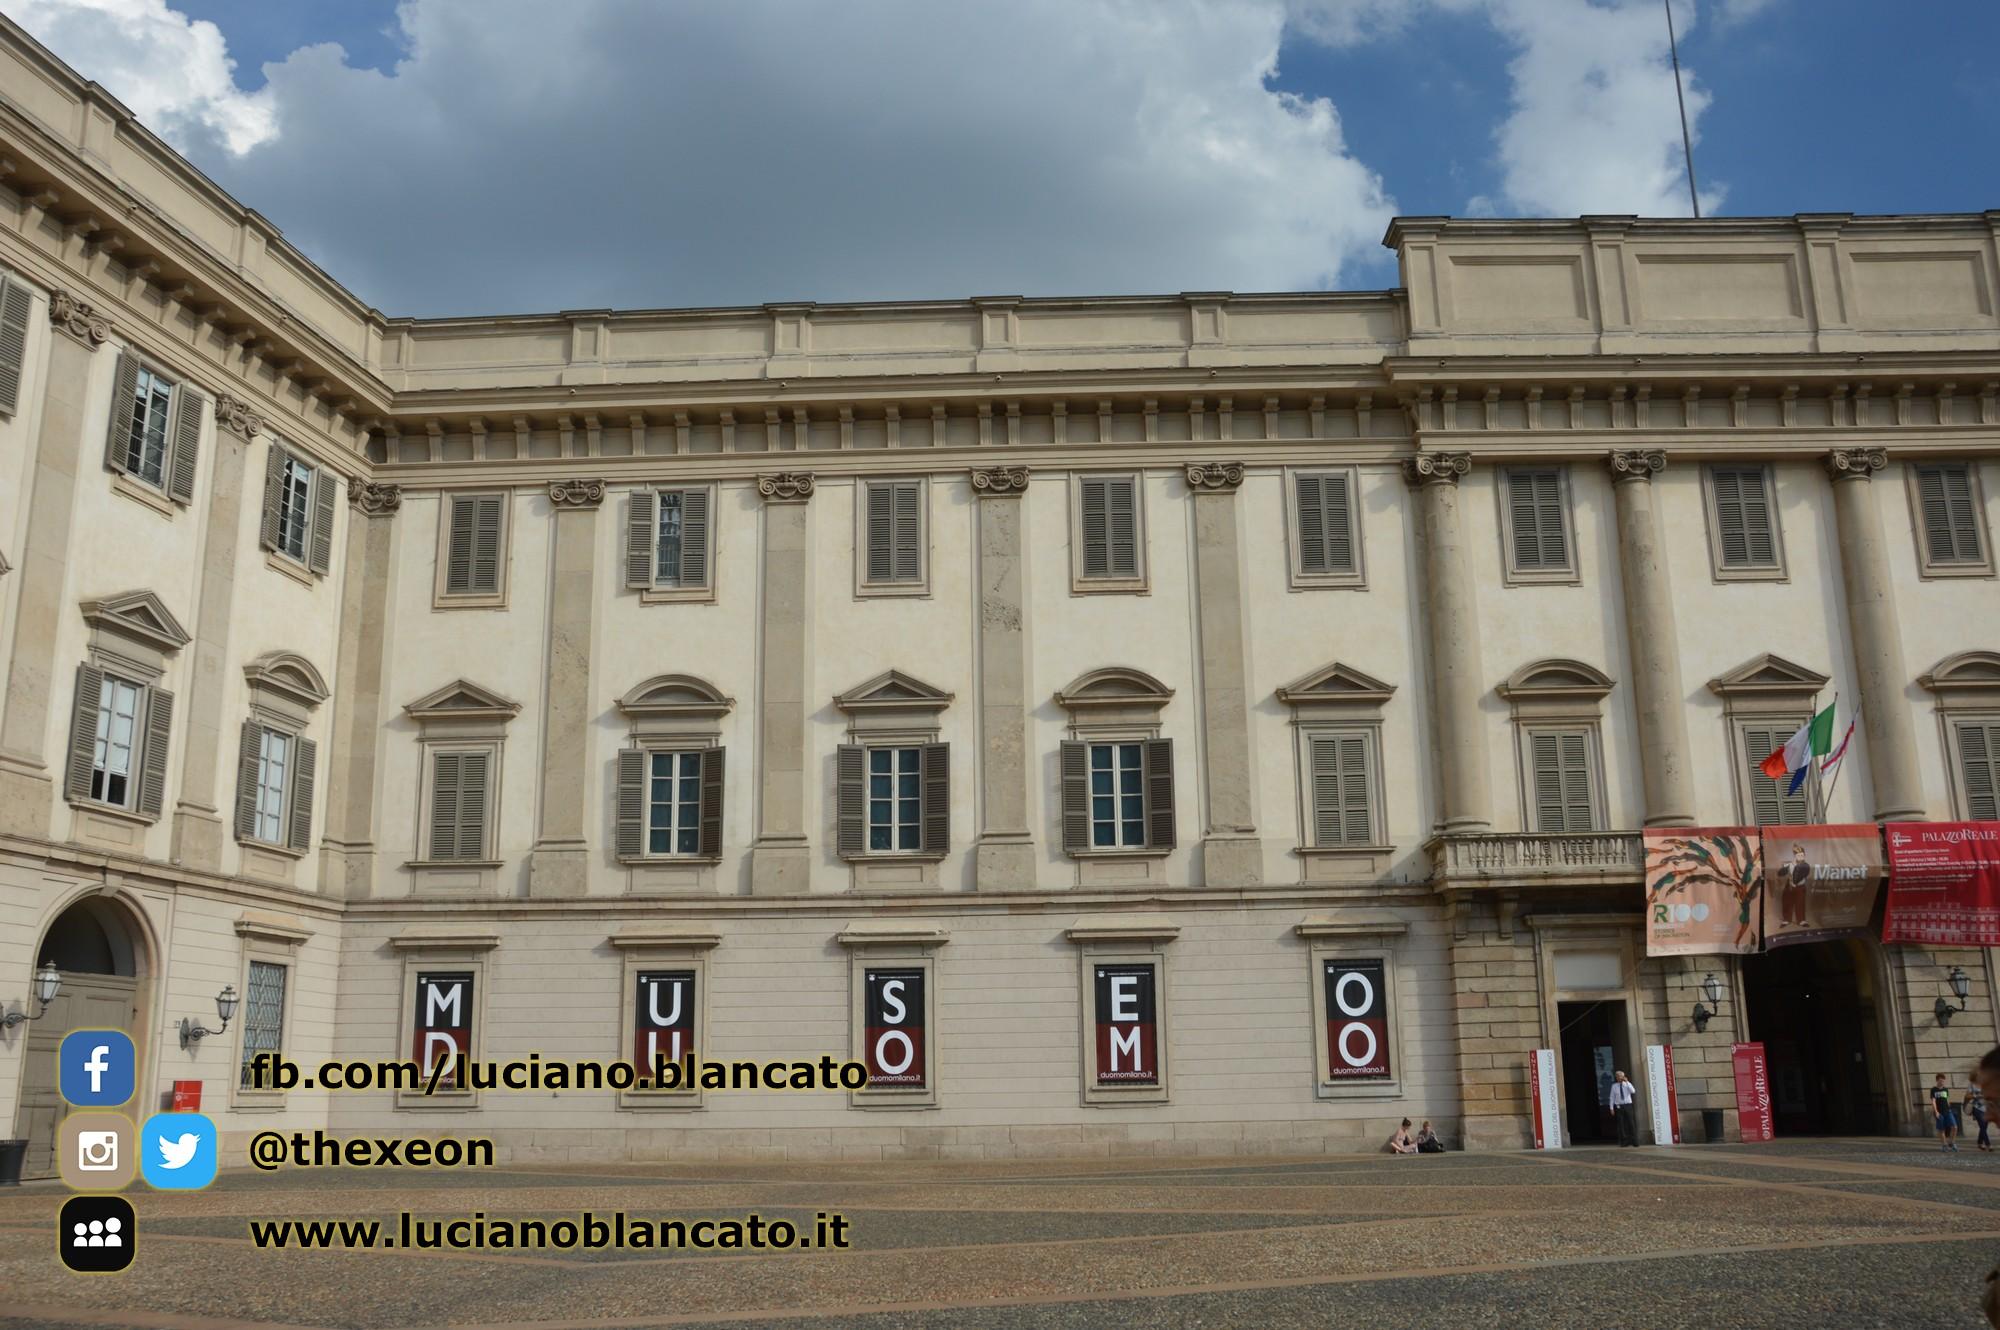 copy_Milano - Museo del duomo